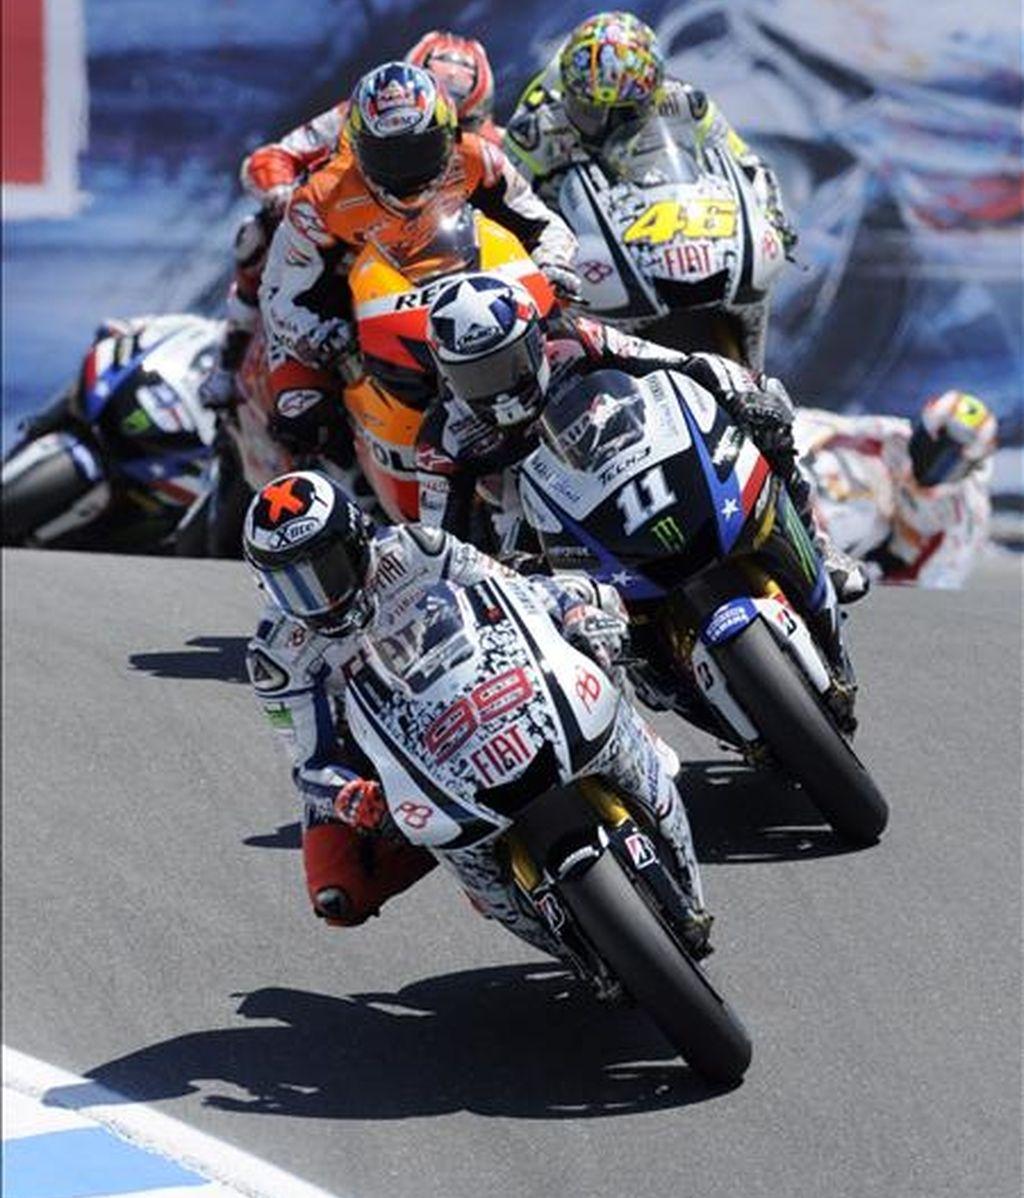 Jorge Lorenzo (frente), y Ben Spies (d), compiten este 25 de julio en el Gran Premio de Estados Unidos de MotoGP que se disputó en el circuito de Laguna Seca, en Monterey, California (EE.UU.). EFE